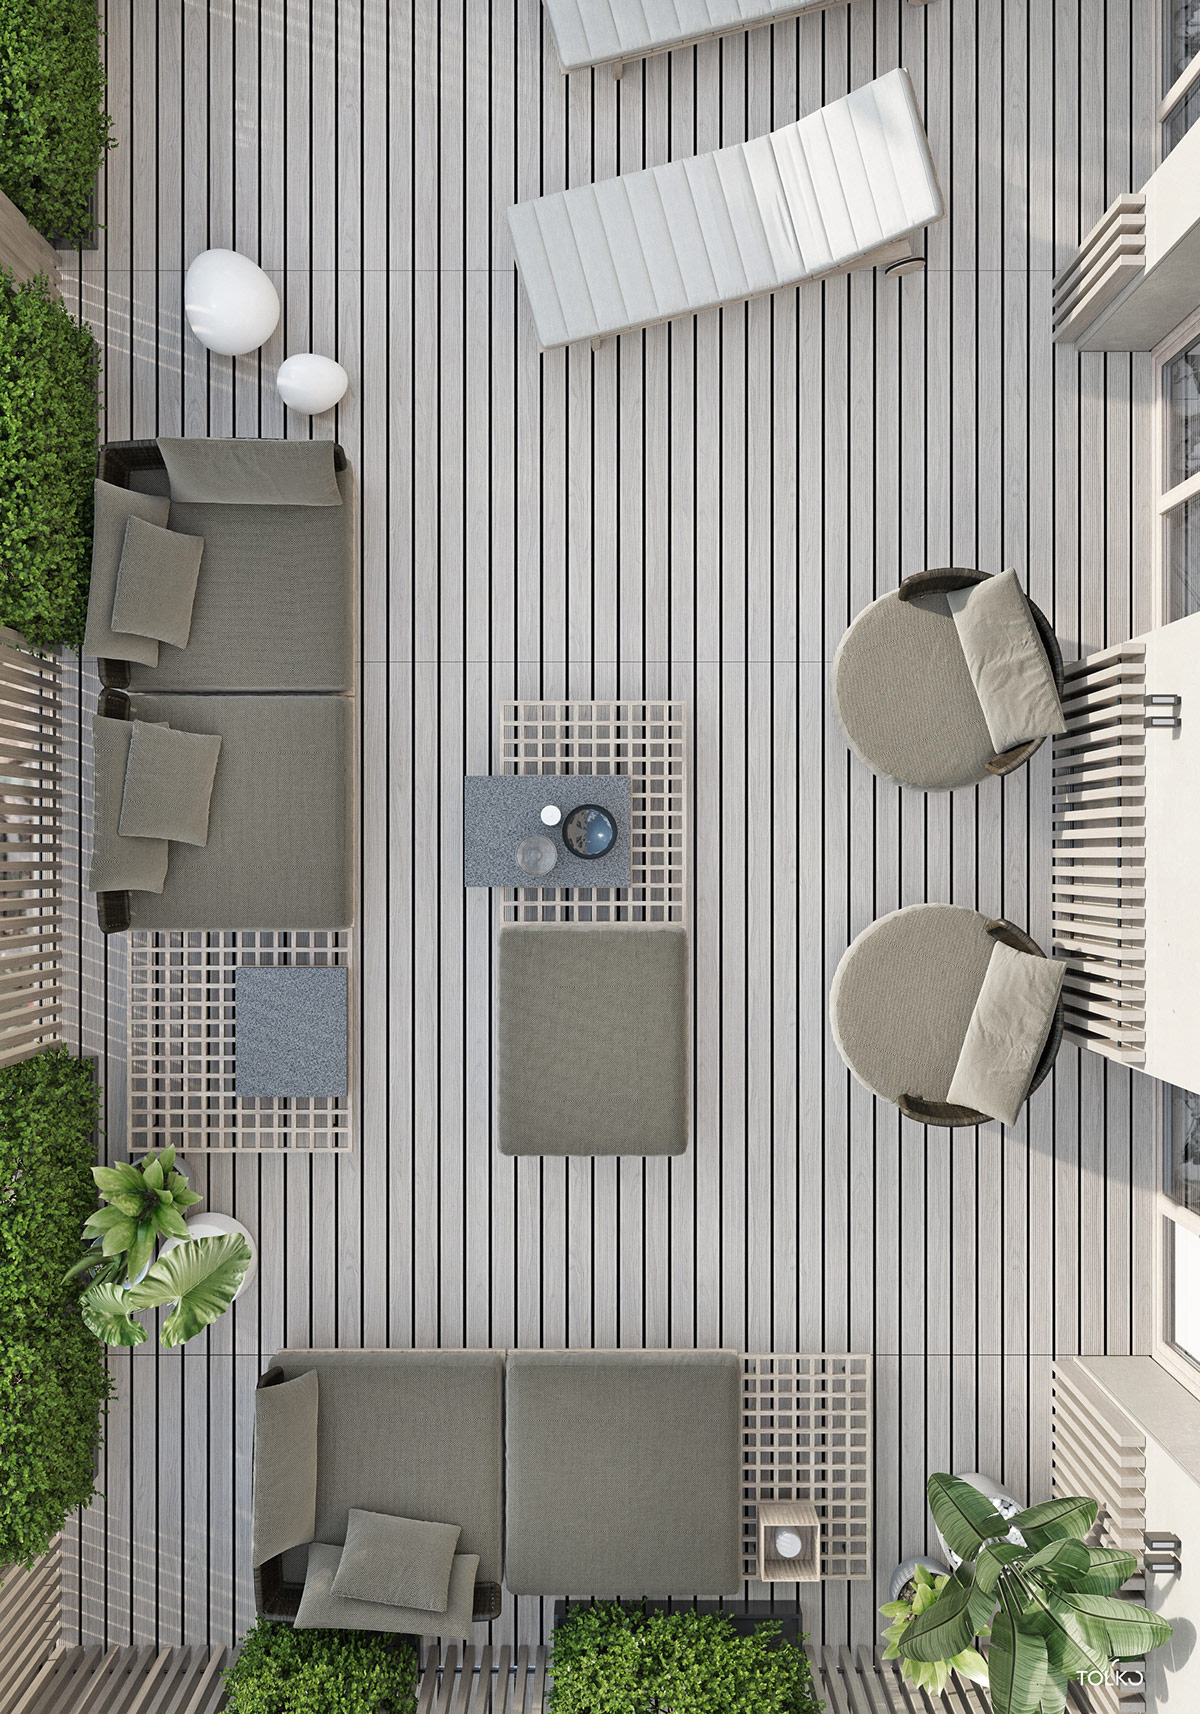 thiết kế phòng khách độc đáo, sang trọng, nội thất đẹp